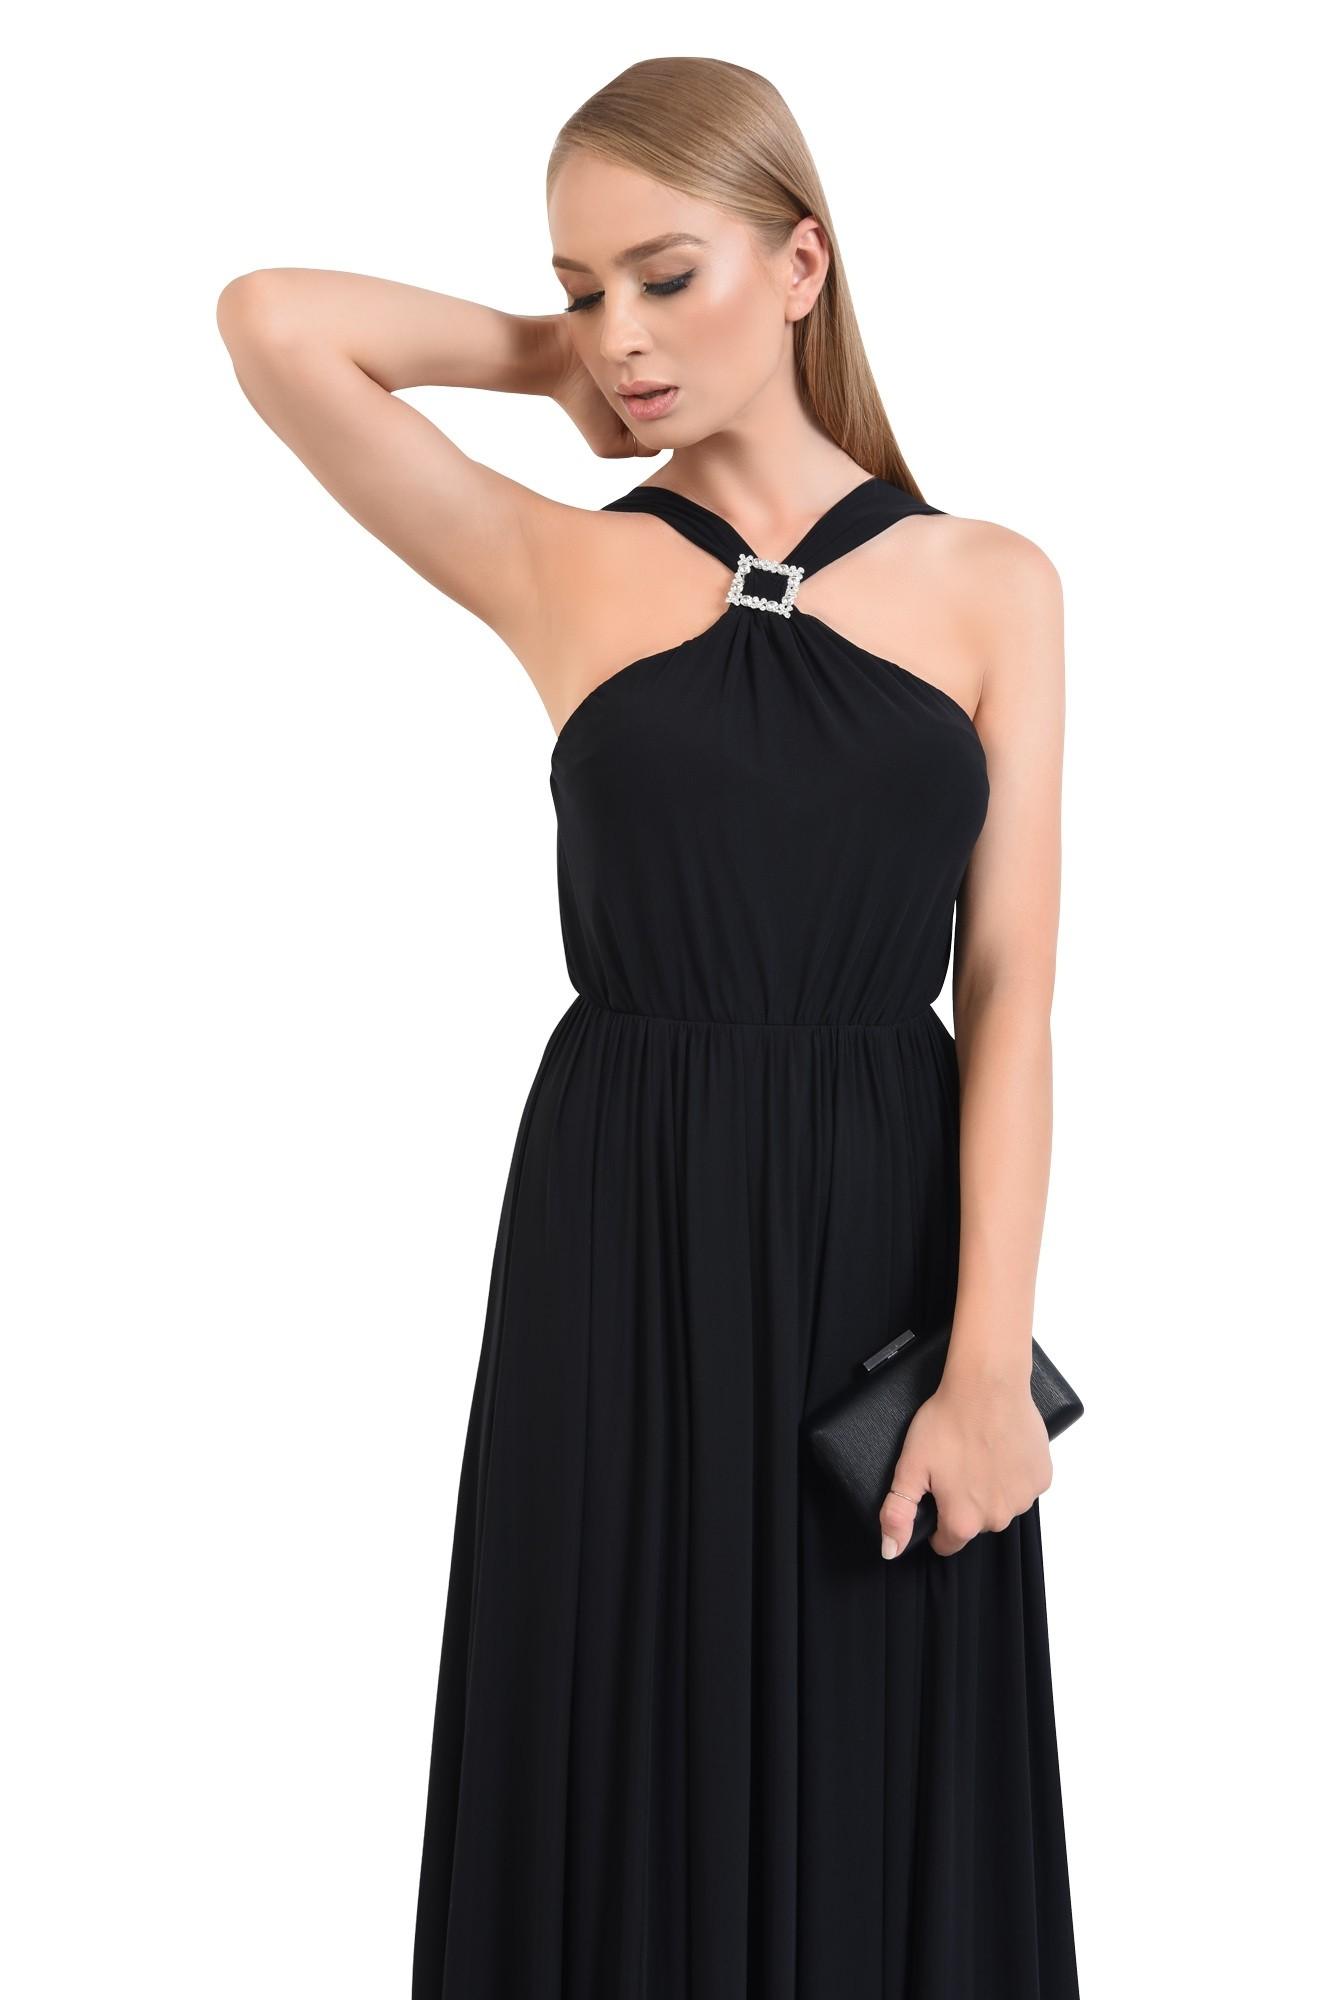 0 - rochie de ocazie cu bretele, catarama argintie, croi evazat, rochii online